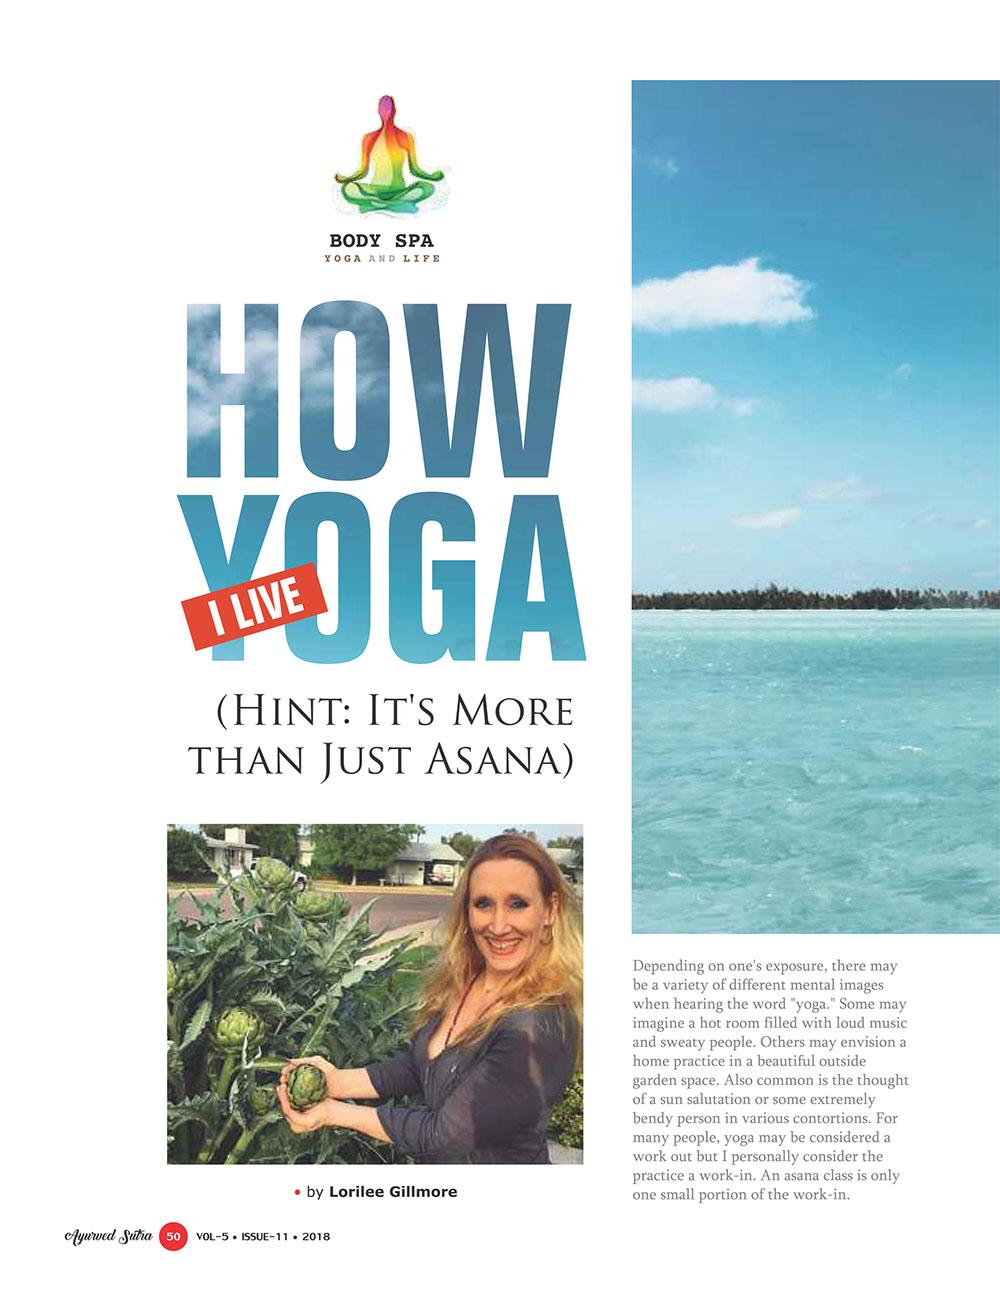 Ayurvedsutra Vol 05 issue 11 52 - How I Live Yoga